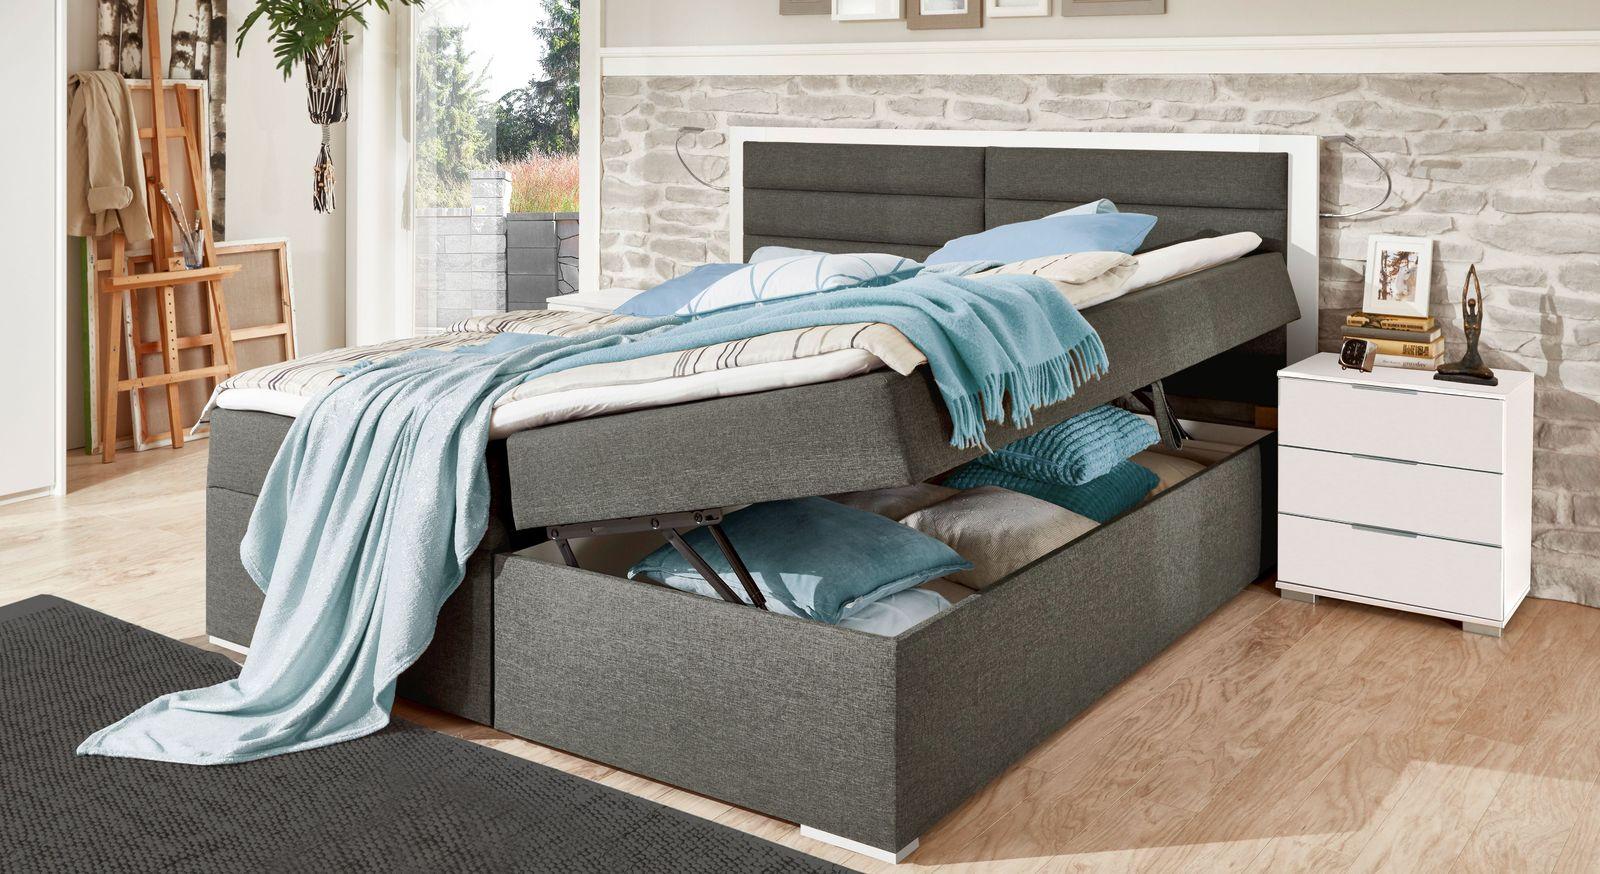 Boxbett Cartini mit passendem Nachttisch